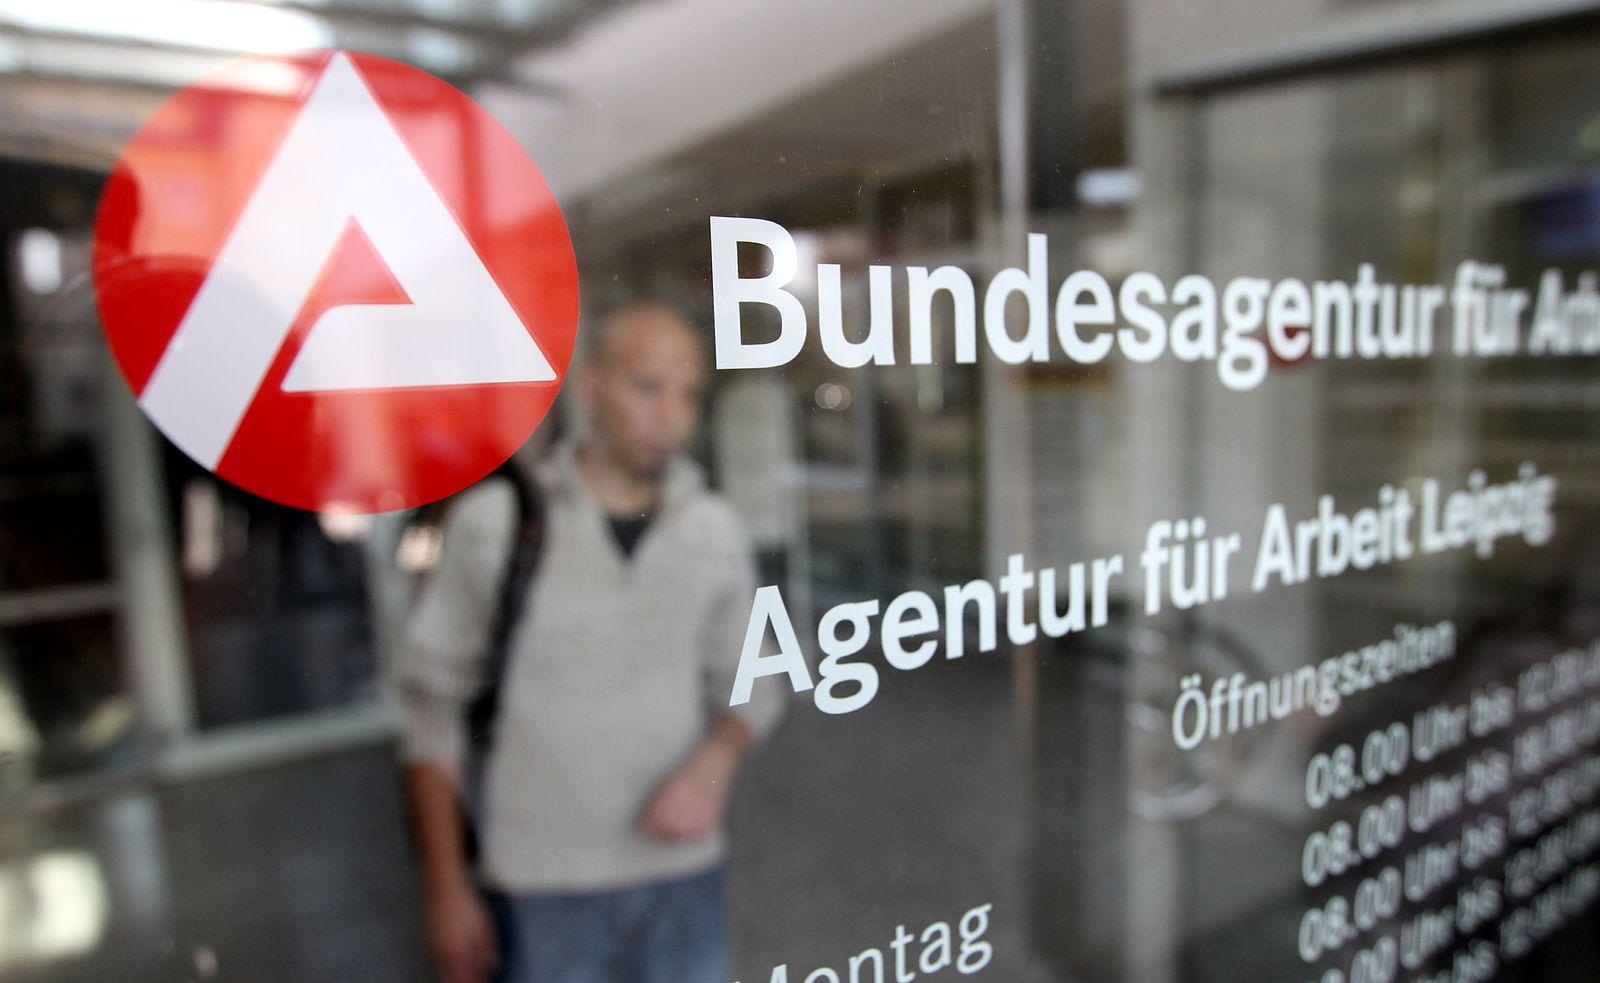 NICHT VERWENDEN Bundesagentur fuer Arbeit / Arbeitslosigkeit / Arbeitsmarkt